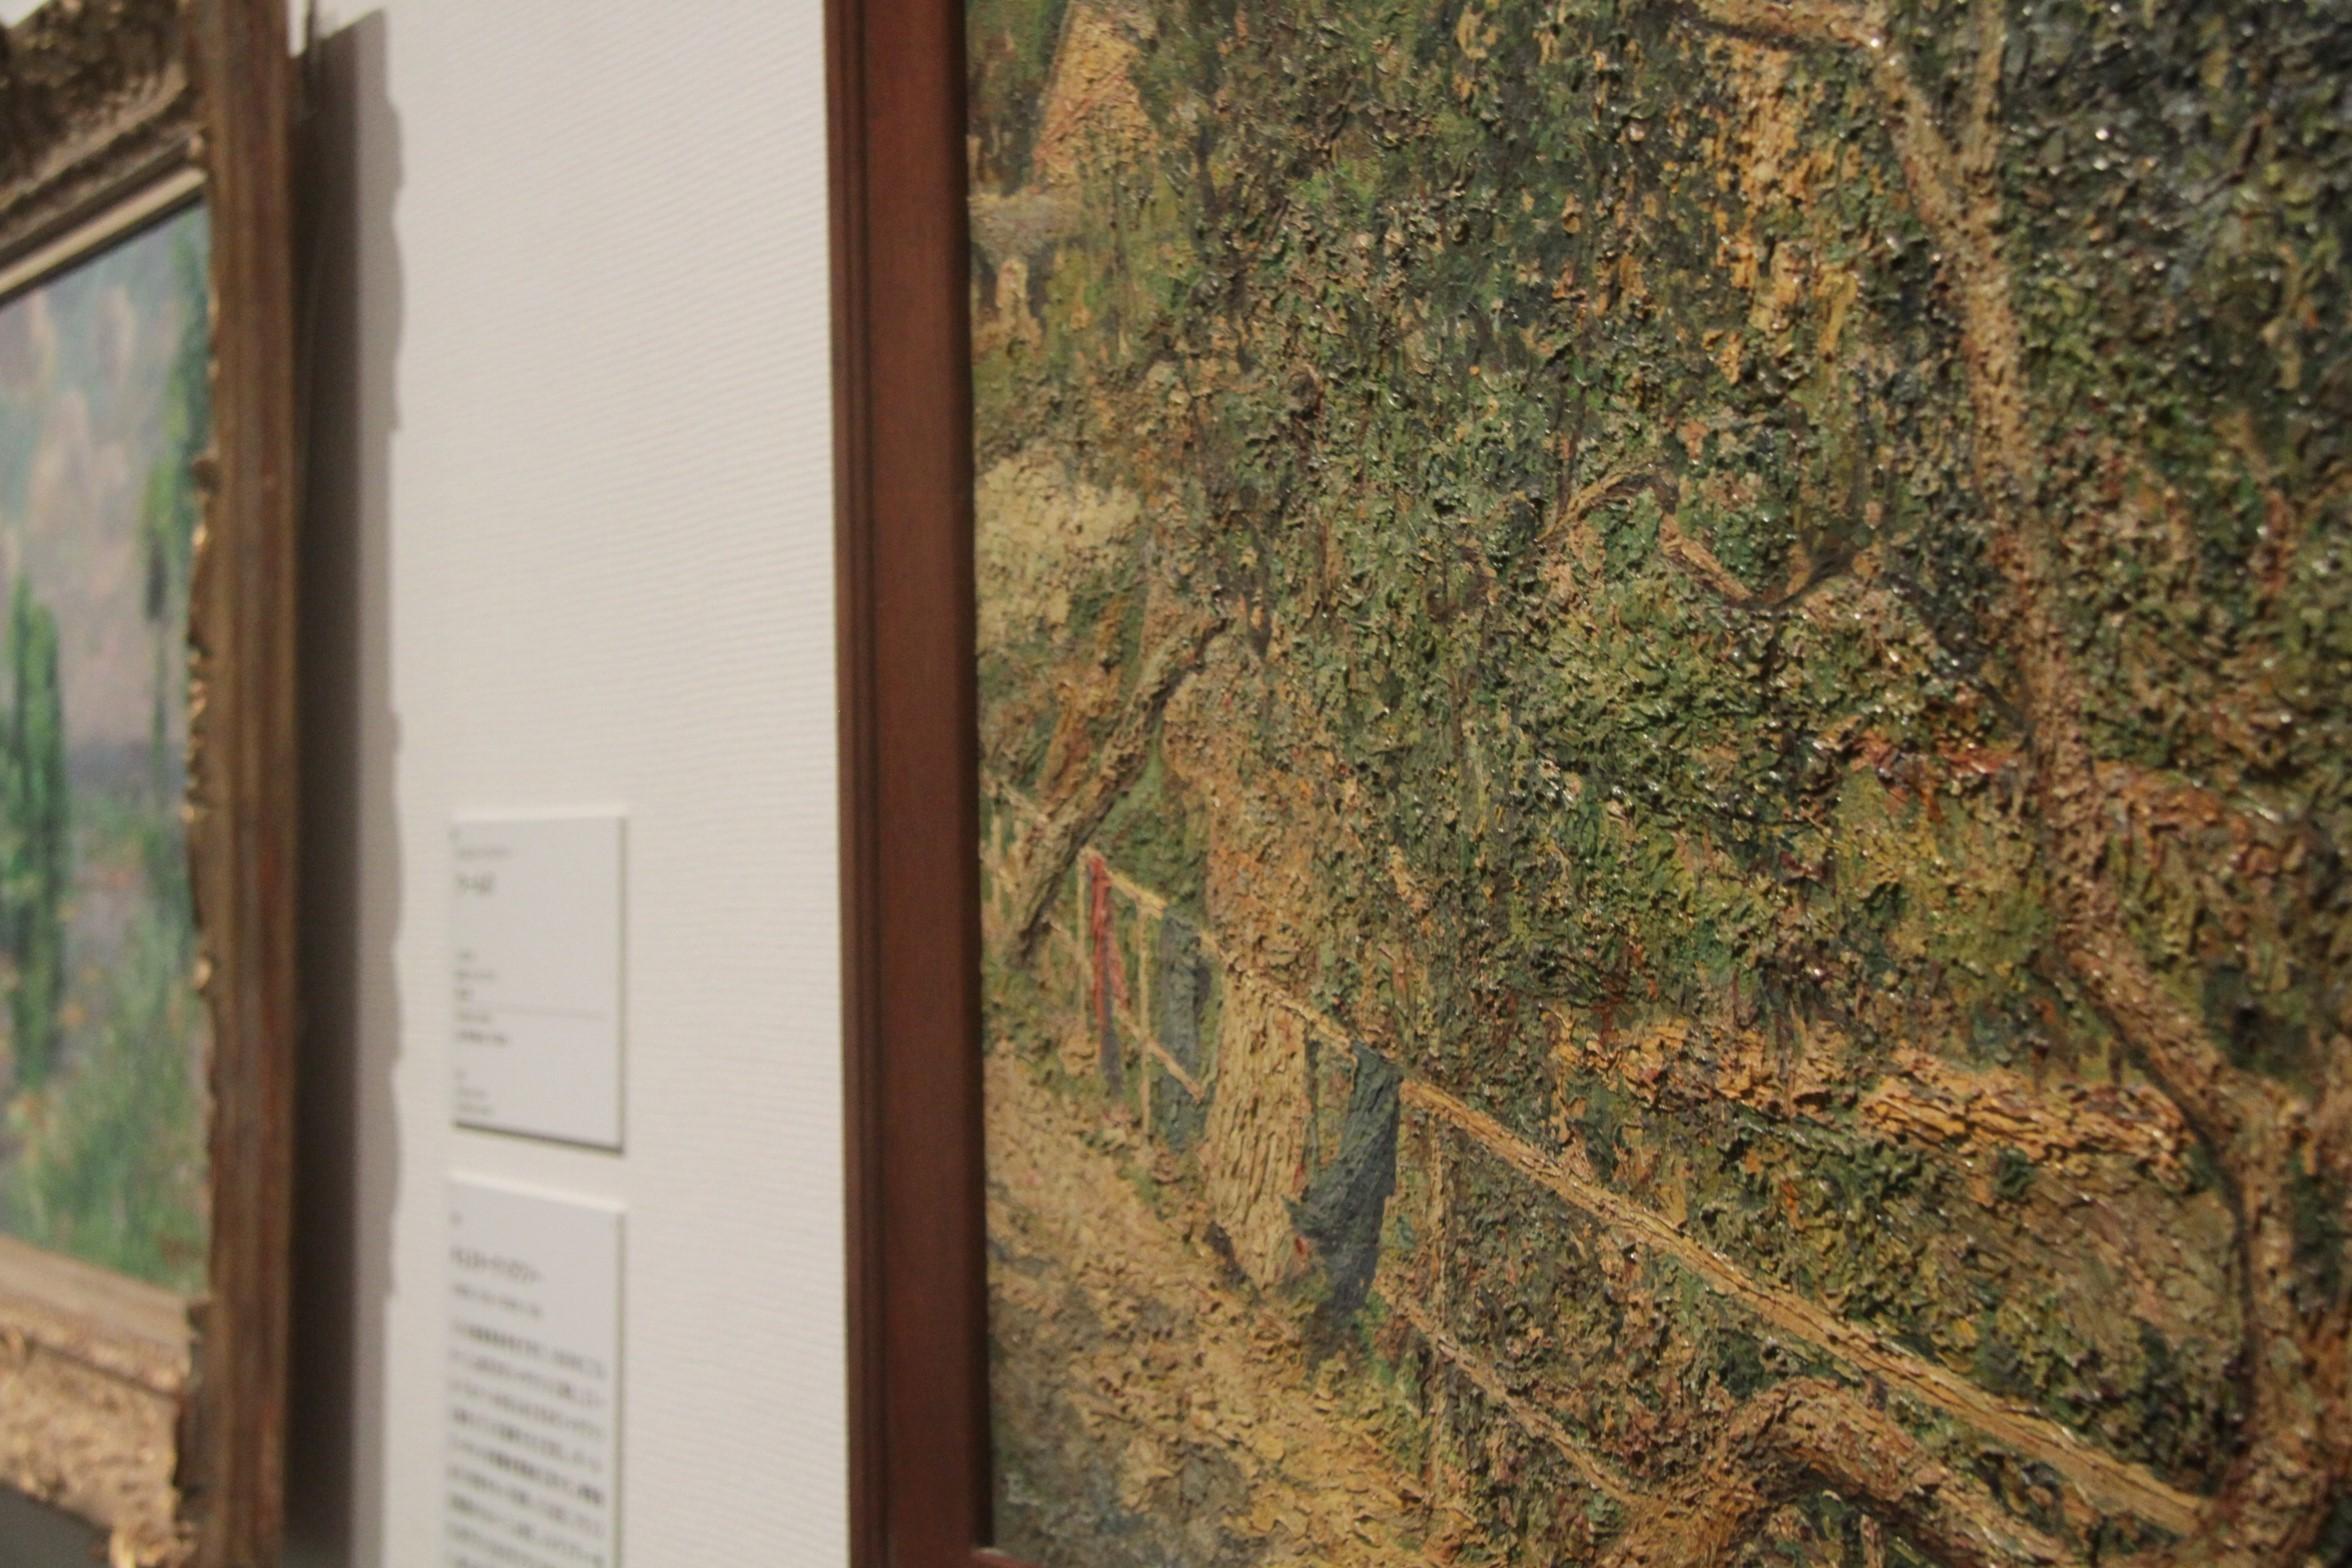 油彩が厚く重ねられ、凸凹になっている作品(エミリオ・ボッジオ《手すり》1909年 個人蔵)